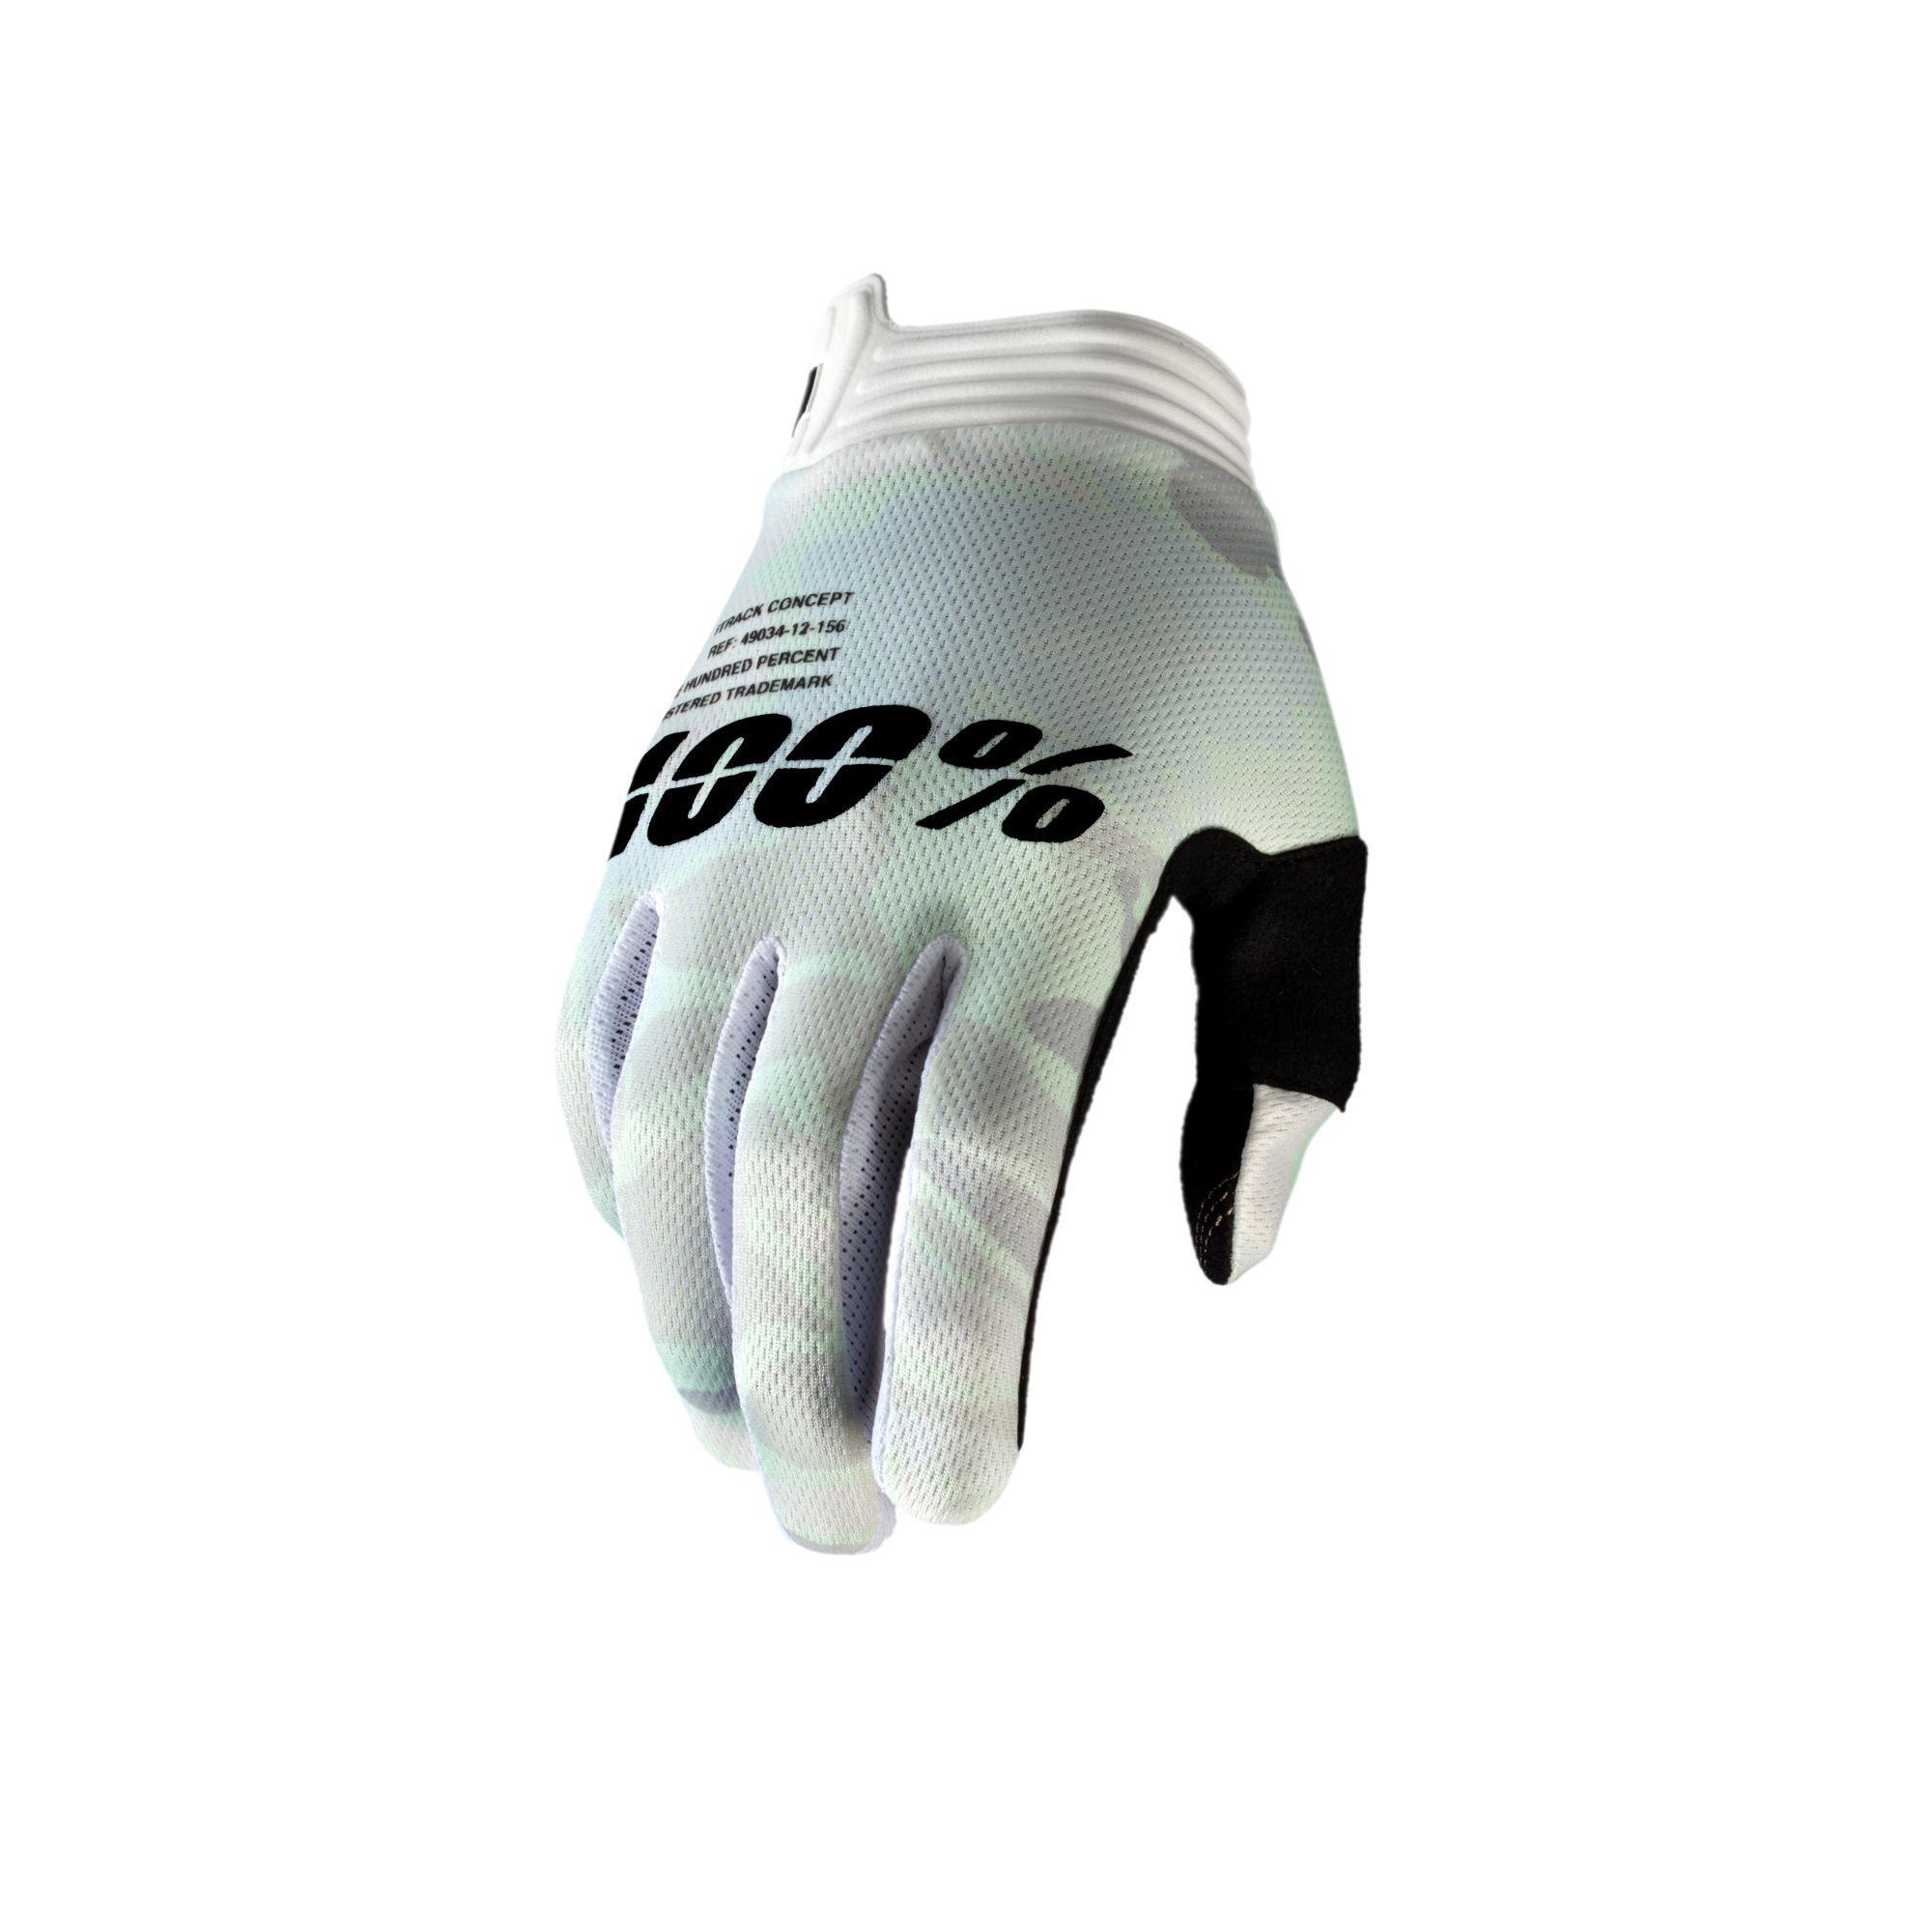 iTRACK Glove White Camo